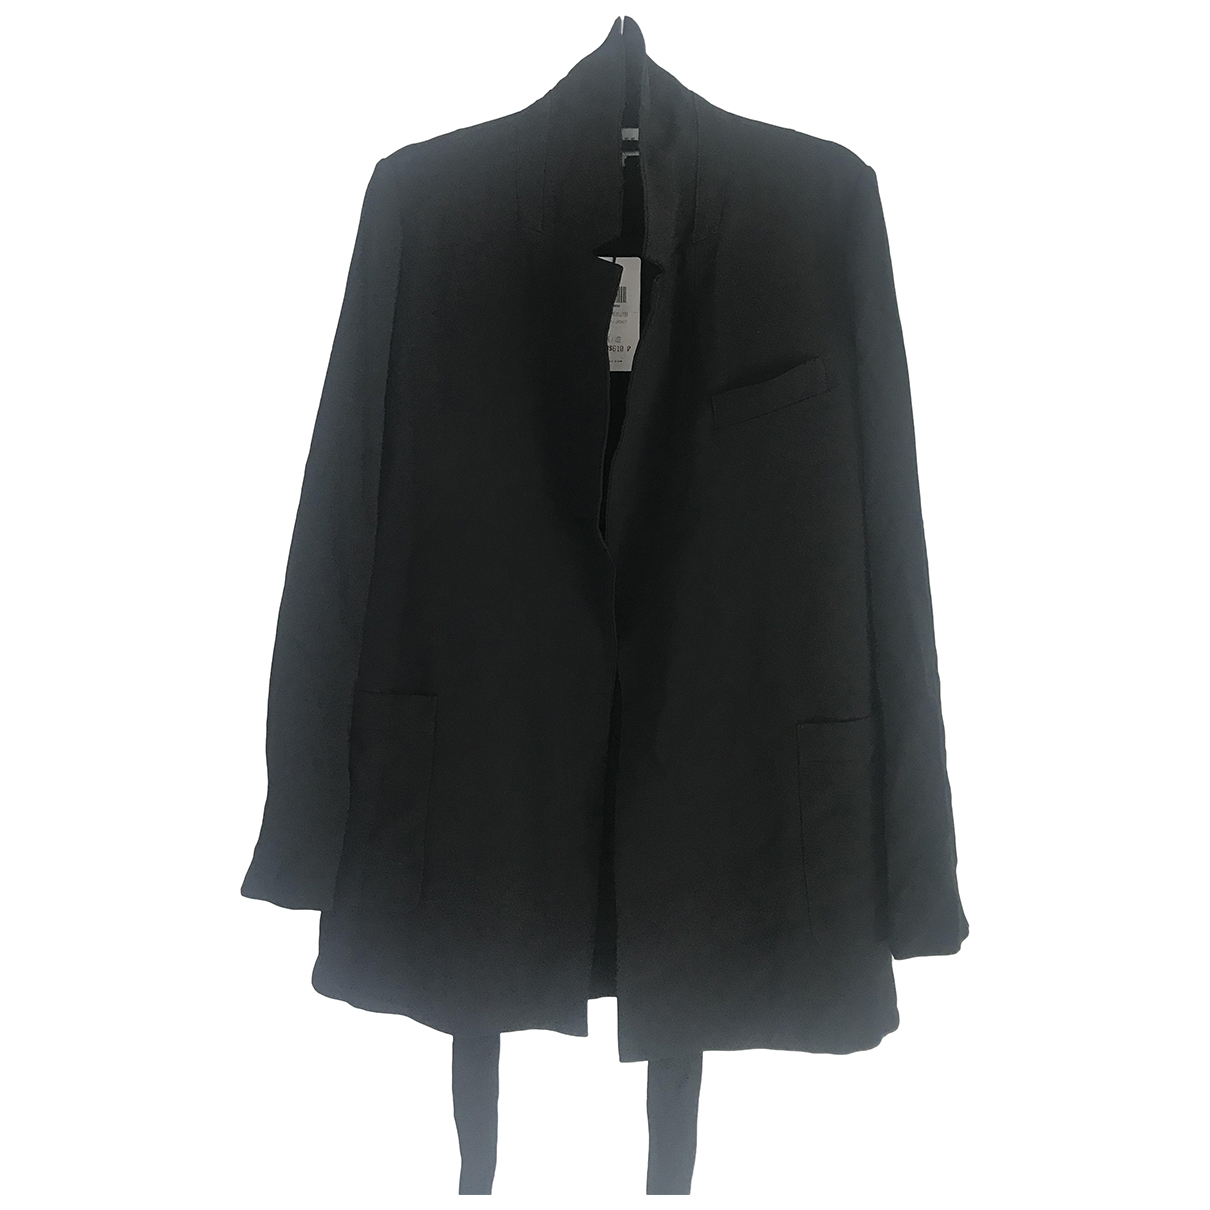 Reiss \N Jacke in  Schwarz Polyester